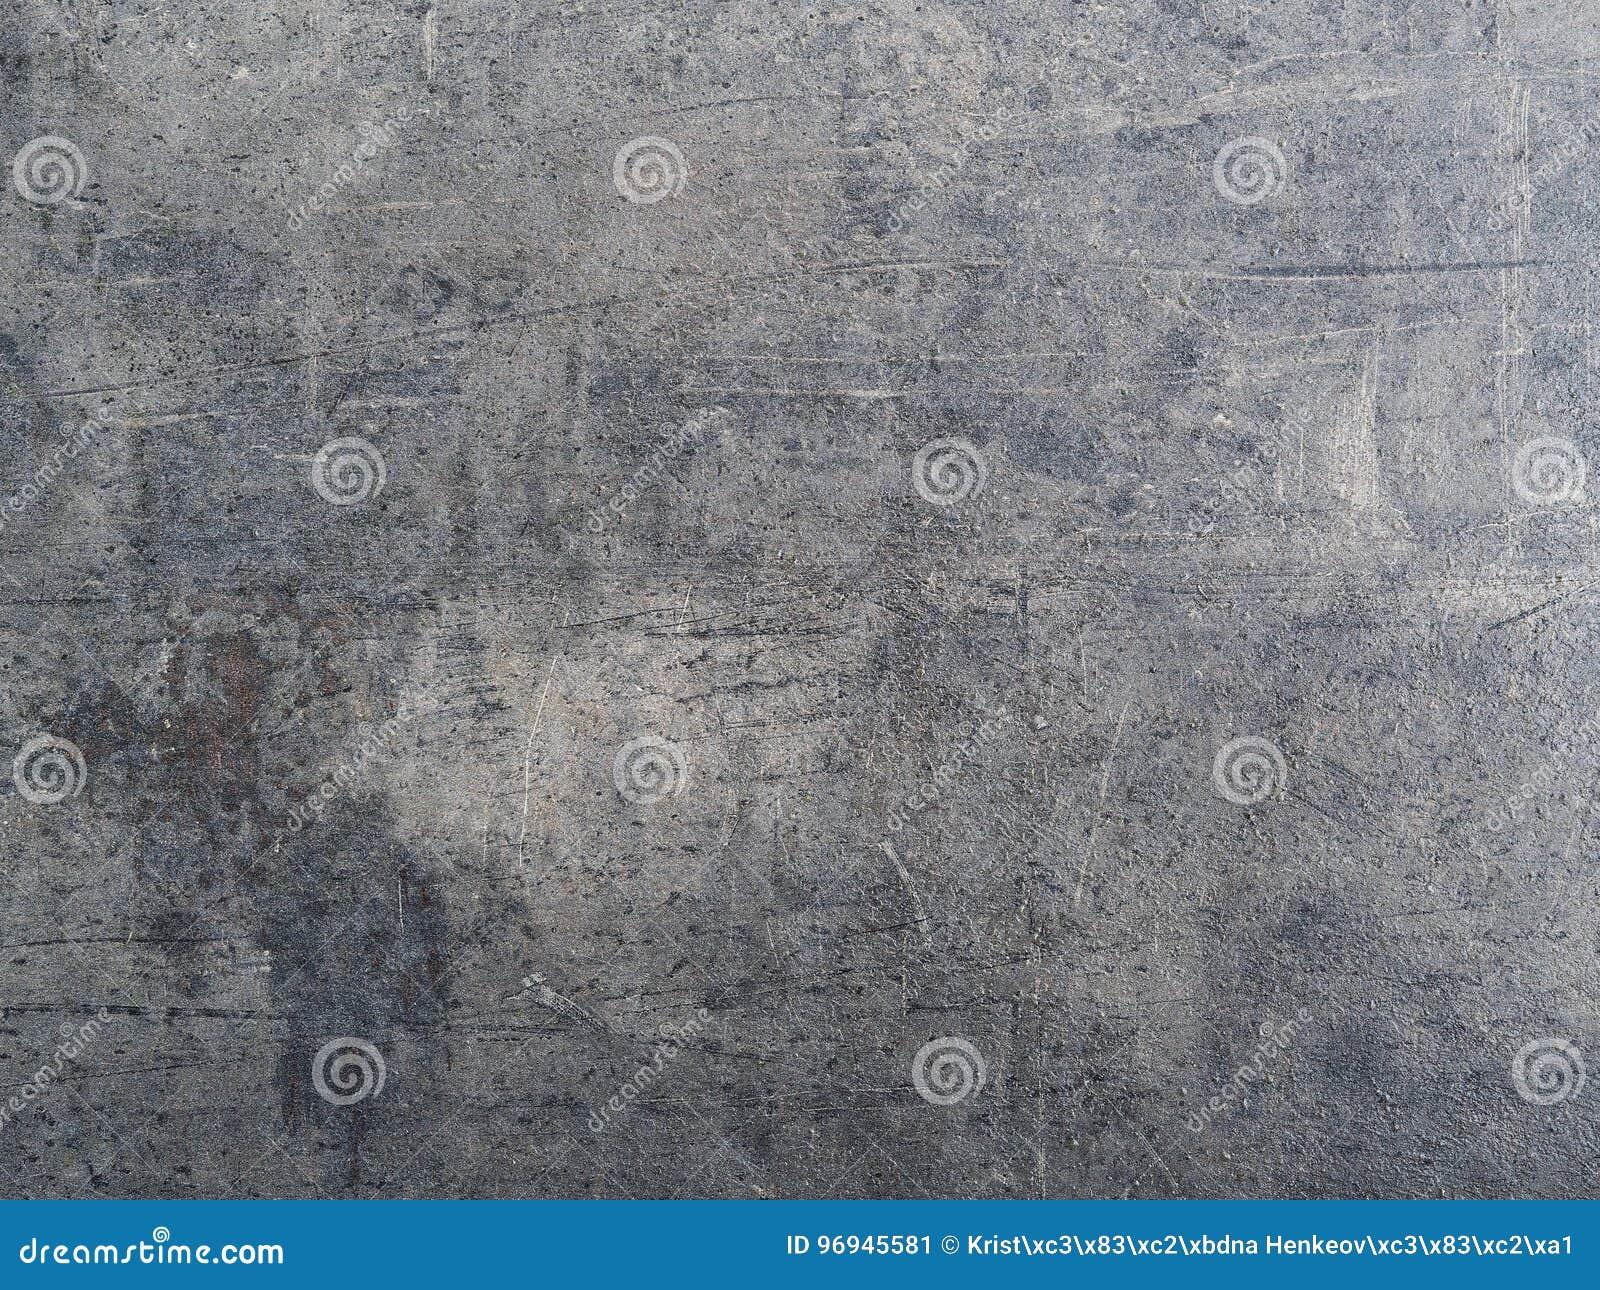 Grey beige abstract background - texture on kitchen desk